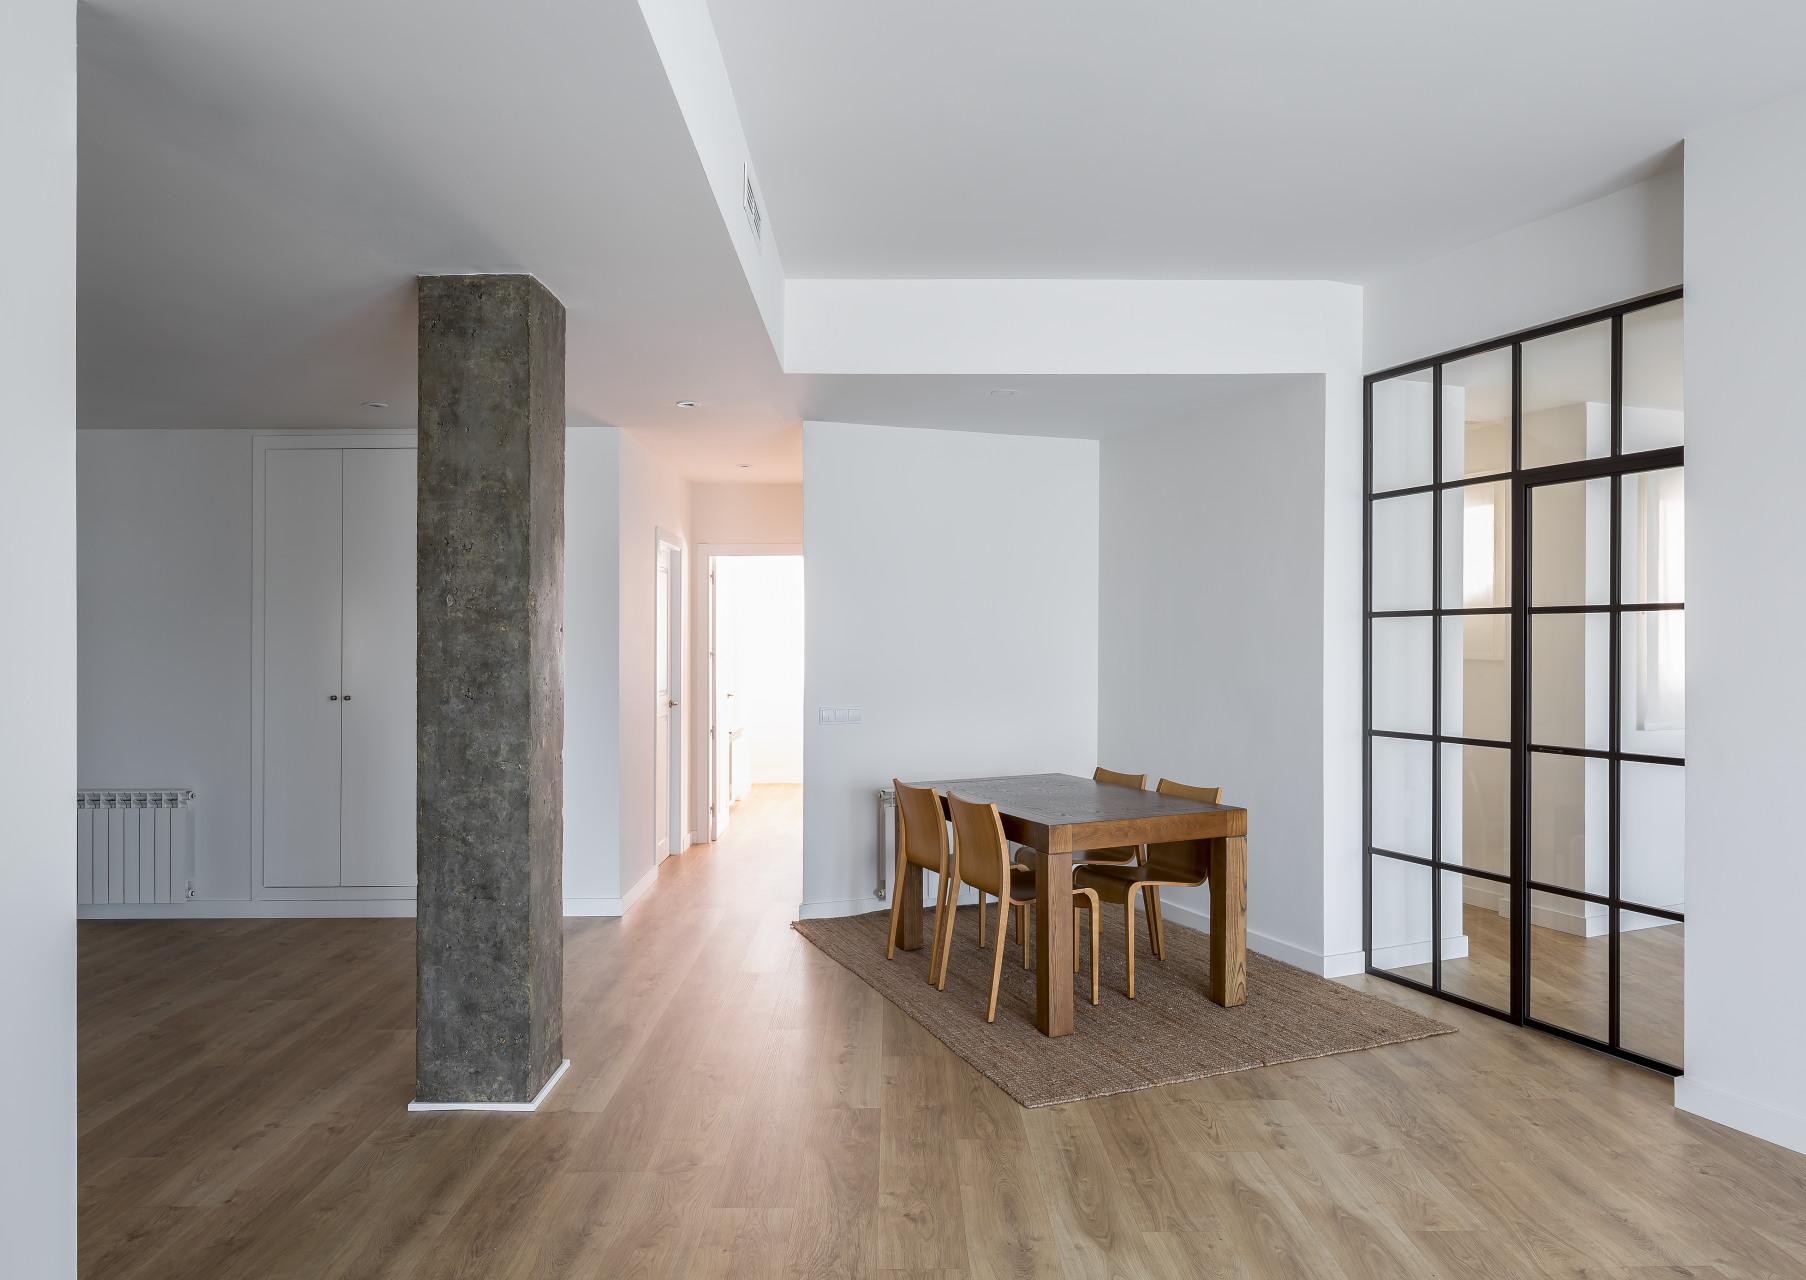 fotografia-arquitectura-valencia-german-cabo-mariola-torre-en-conill (6)